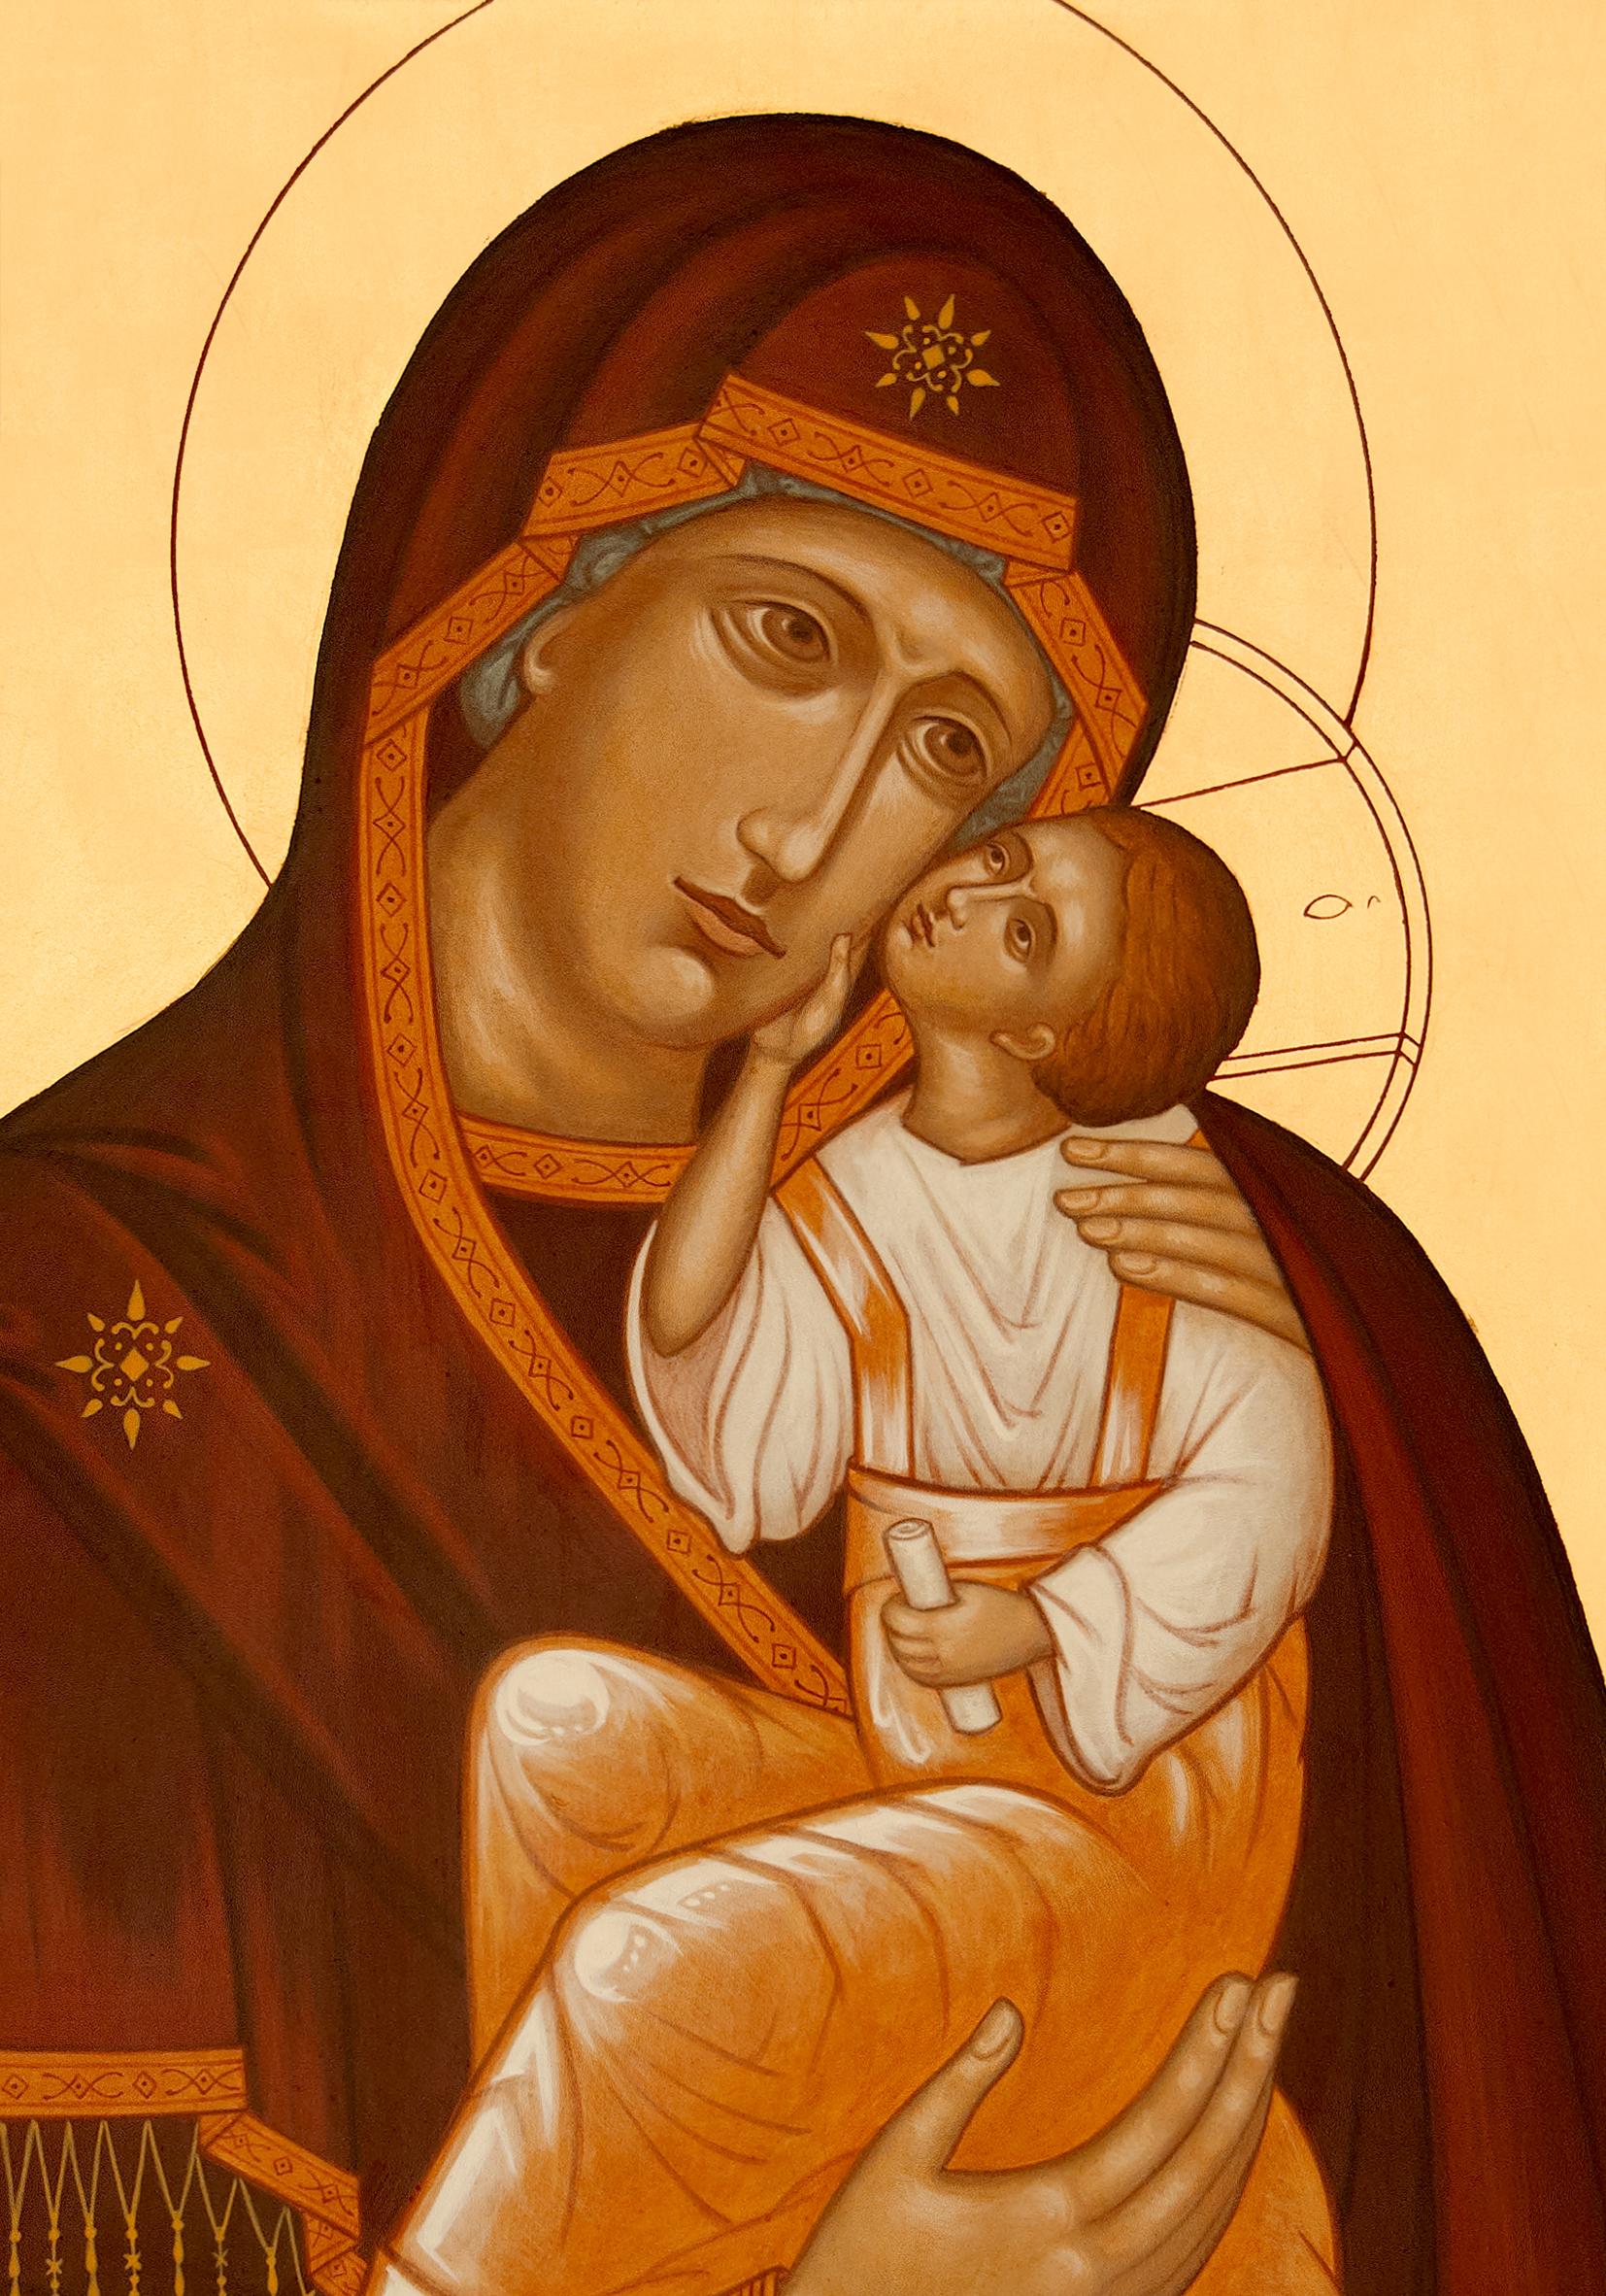 Mère de Dieu détail